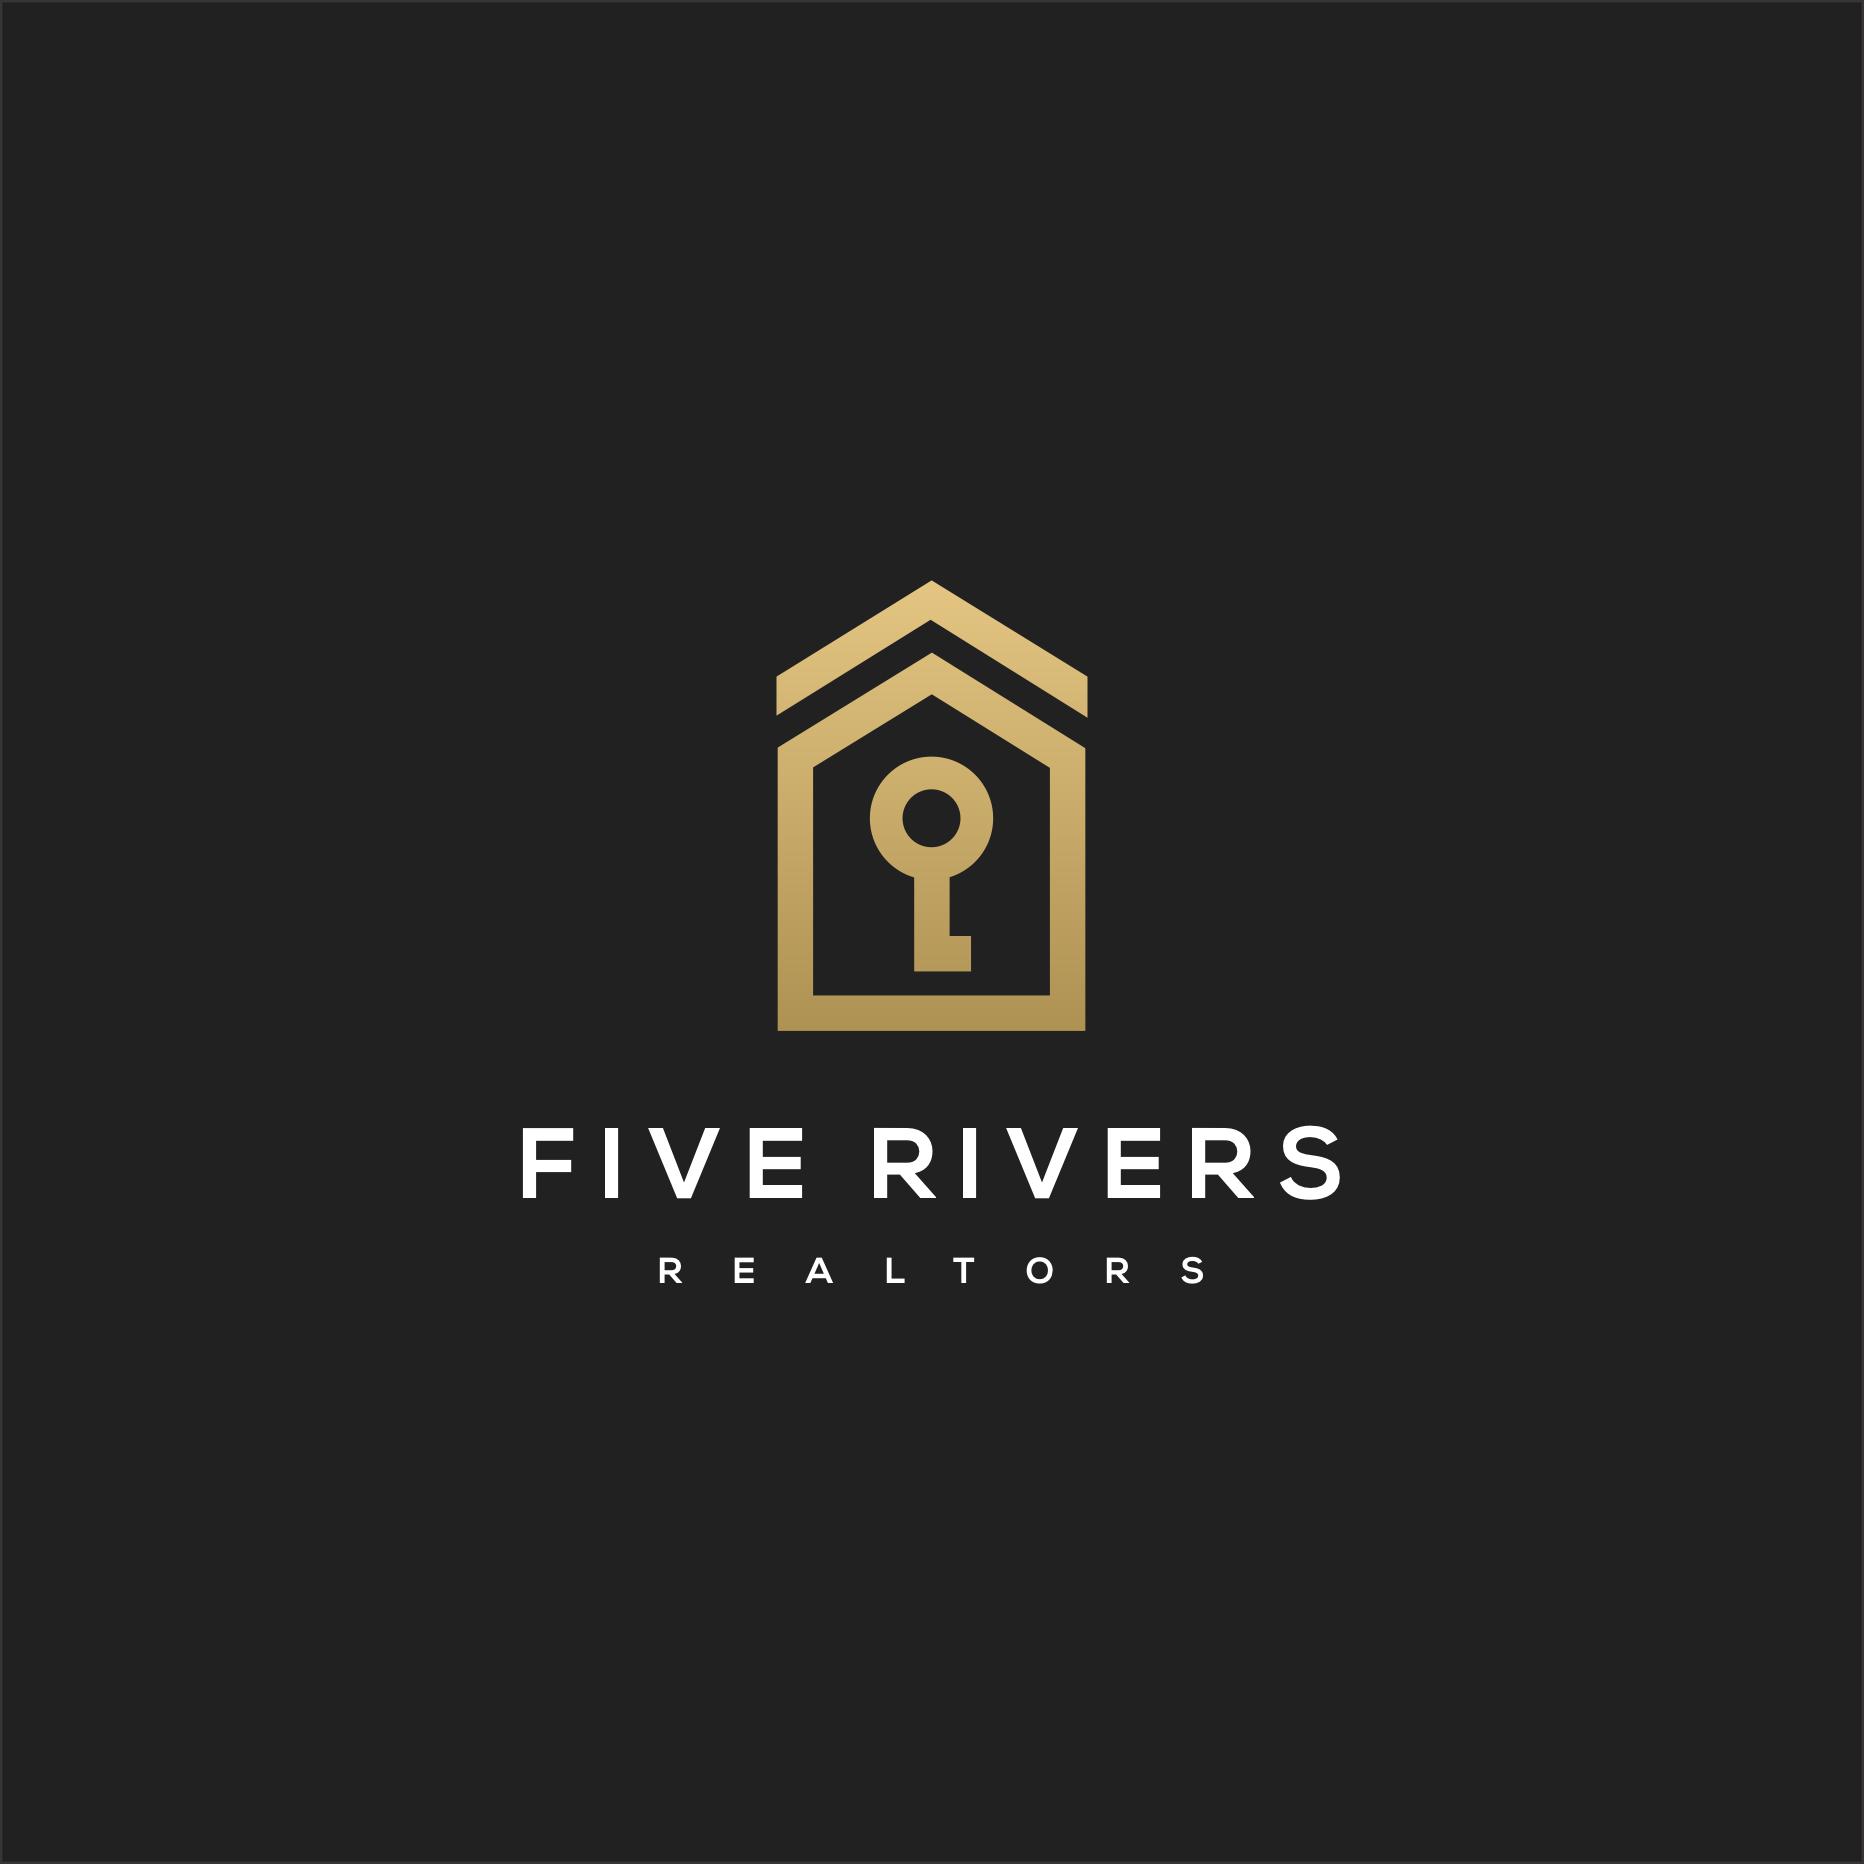 Five rivers realtors, Derrimut, 3026